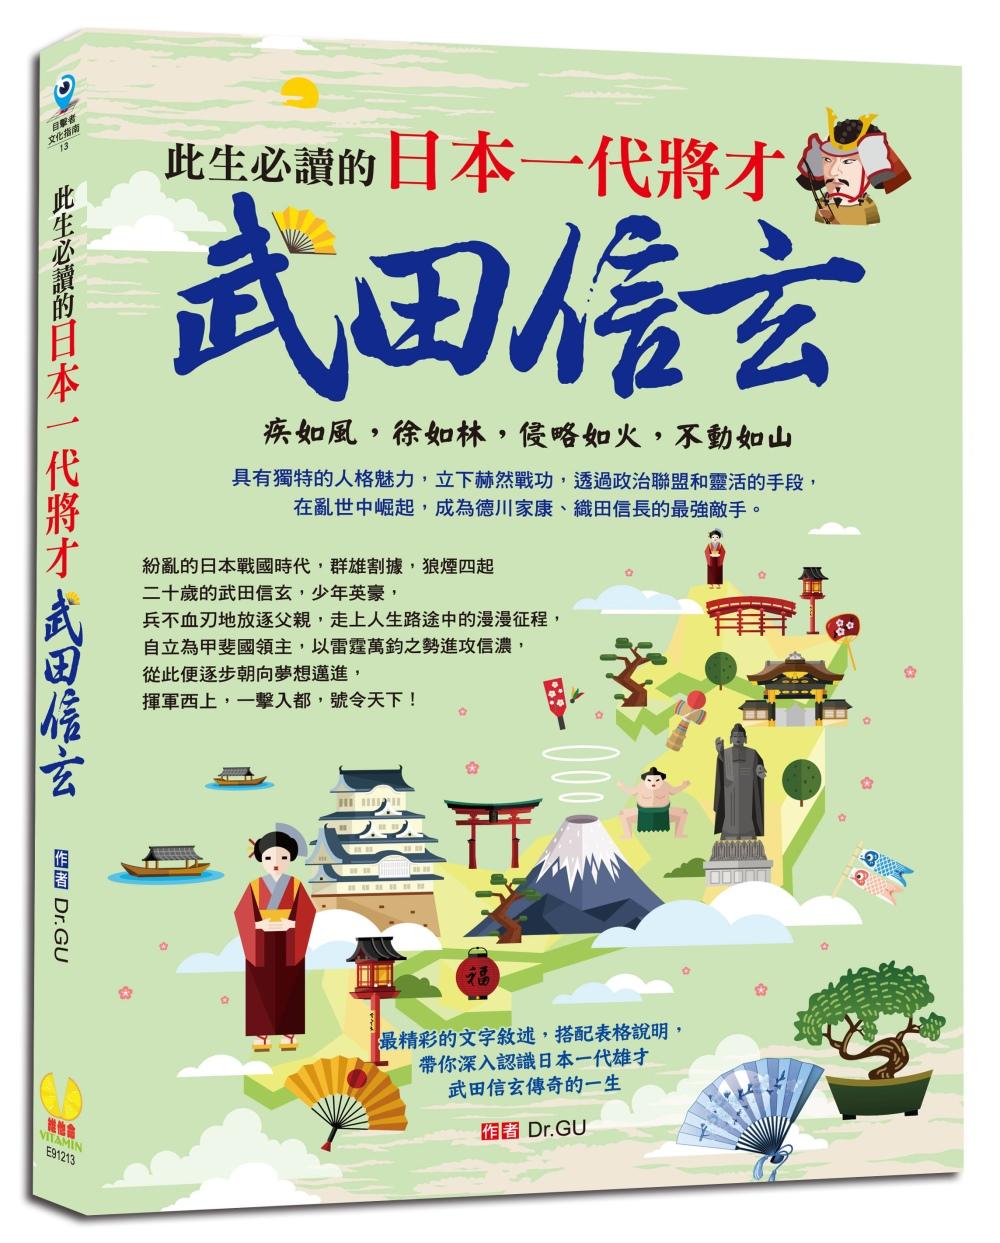 此生必讀的日本一代將才:武田信玄:最精彩的文字敘述,搭配表格解說